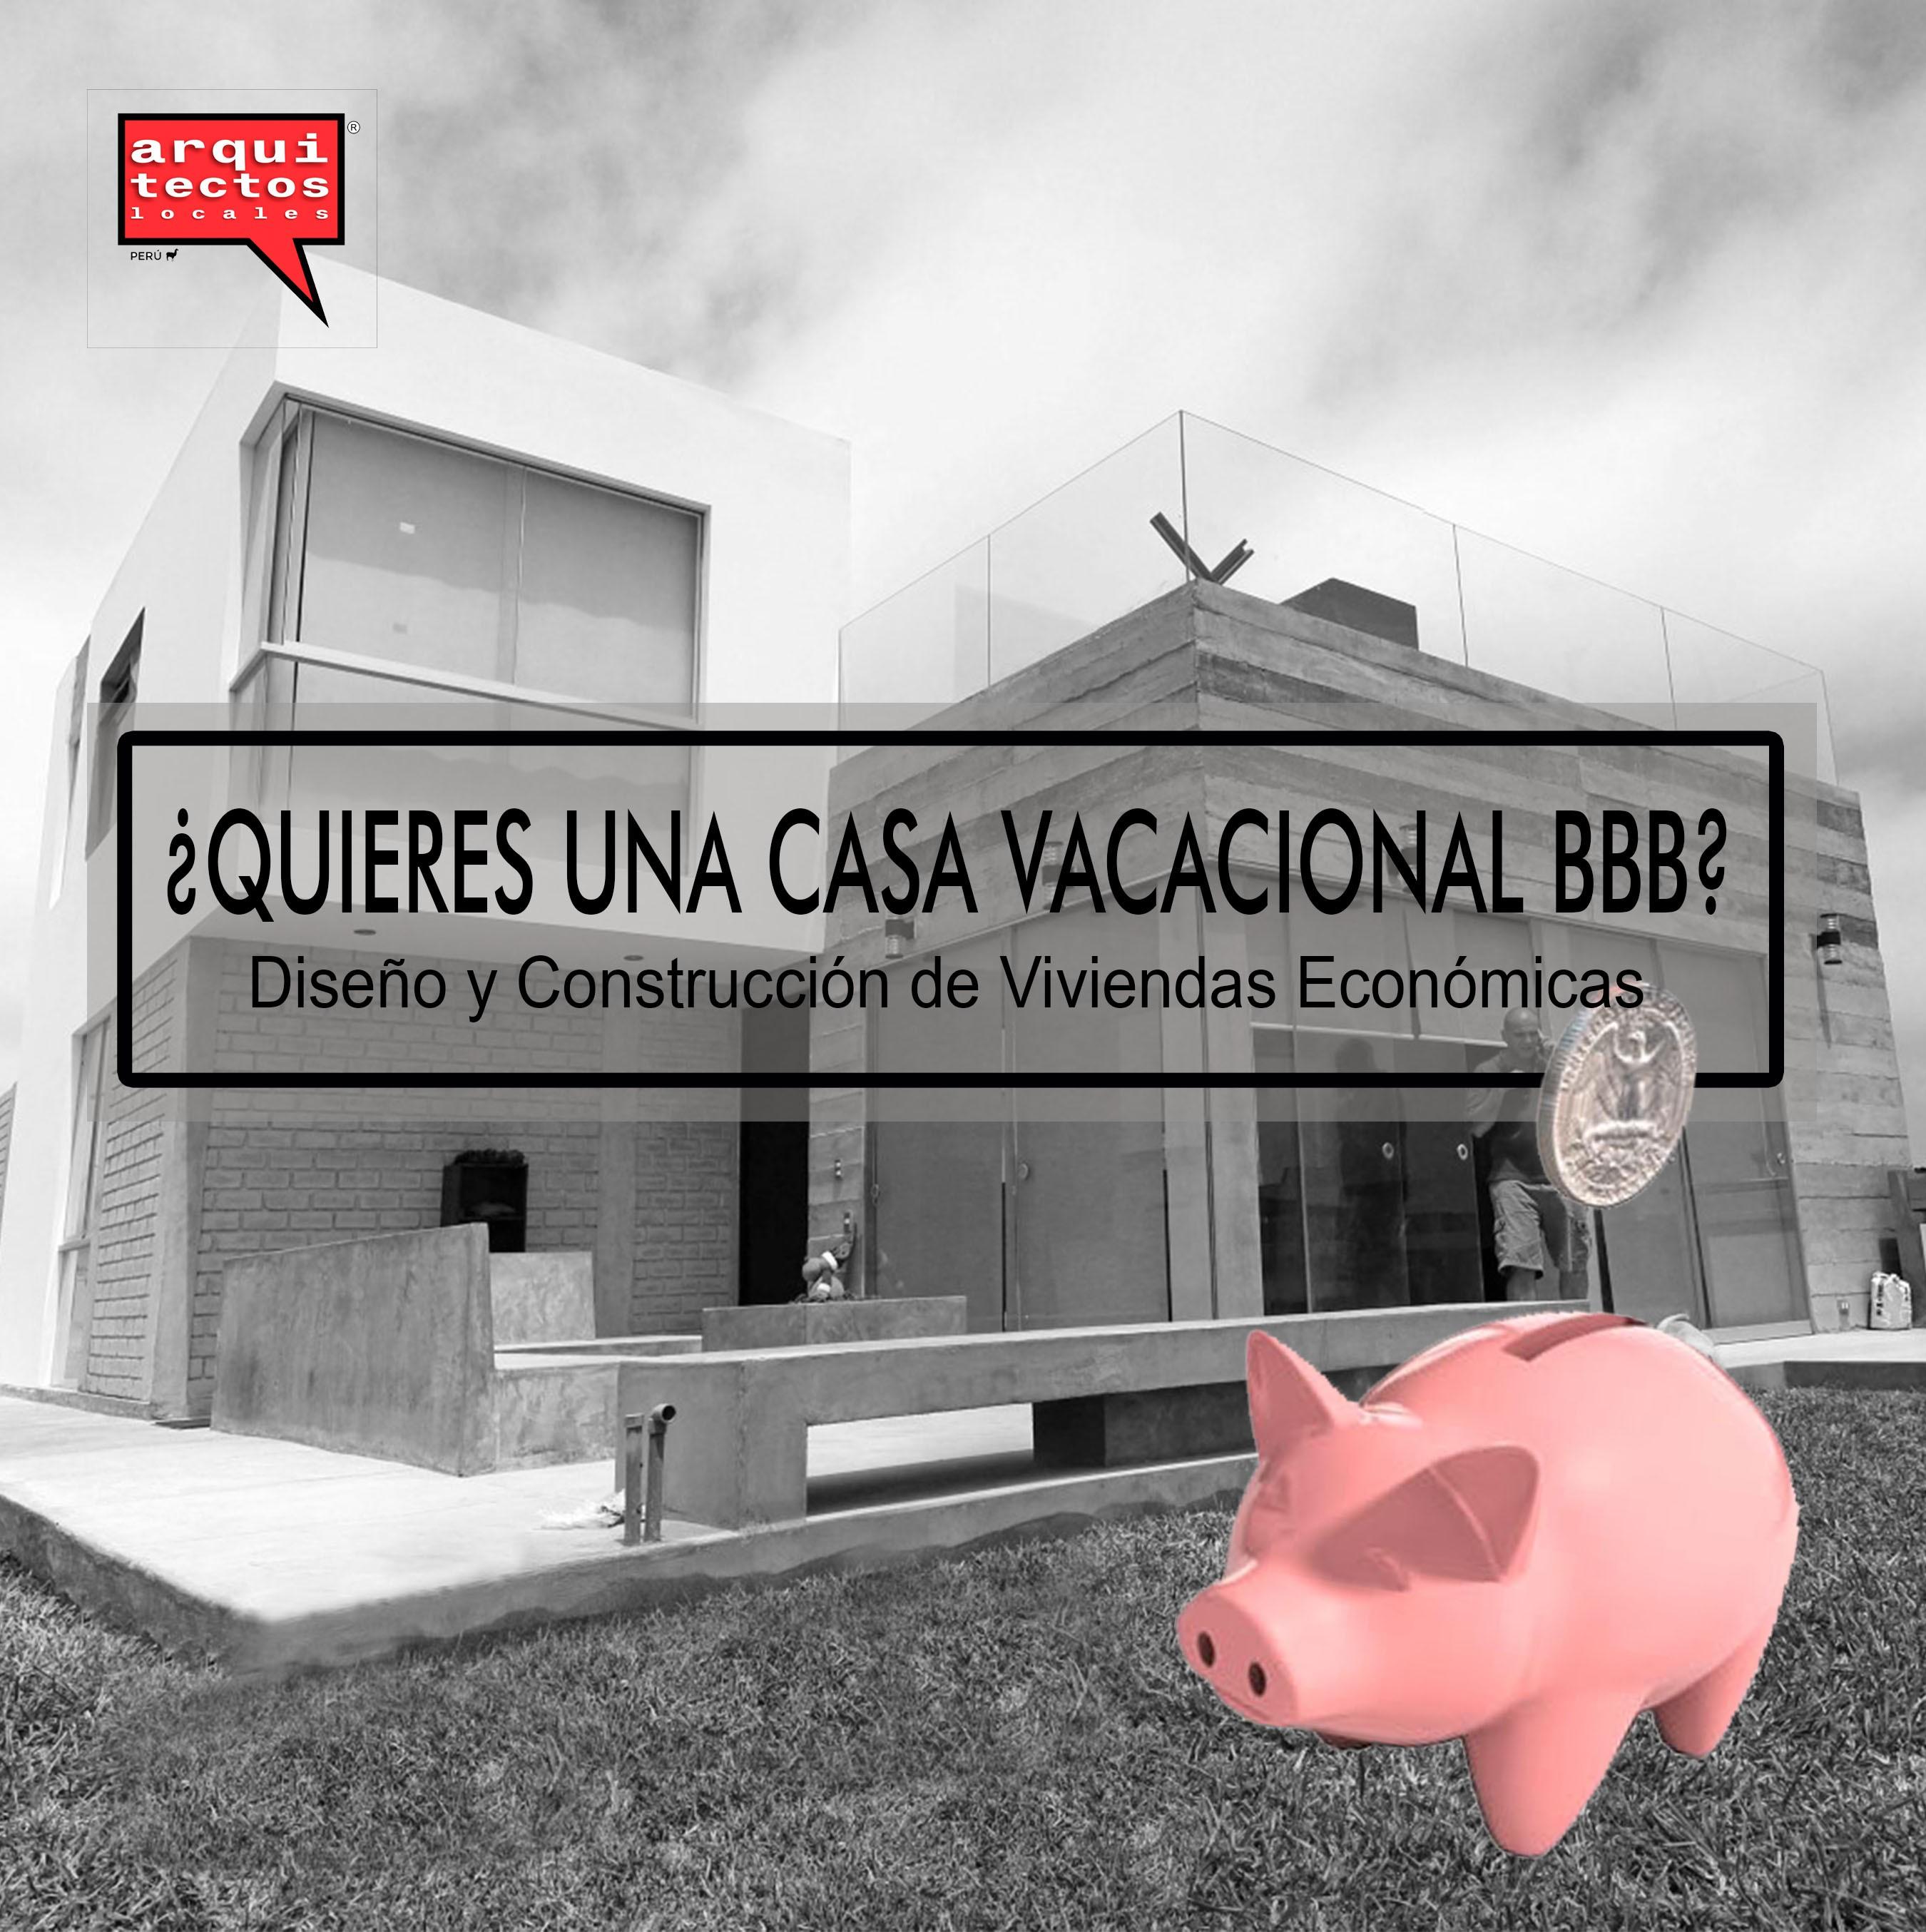 Diseño y construcción de Casas Vacacionales BBB